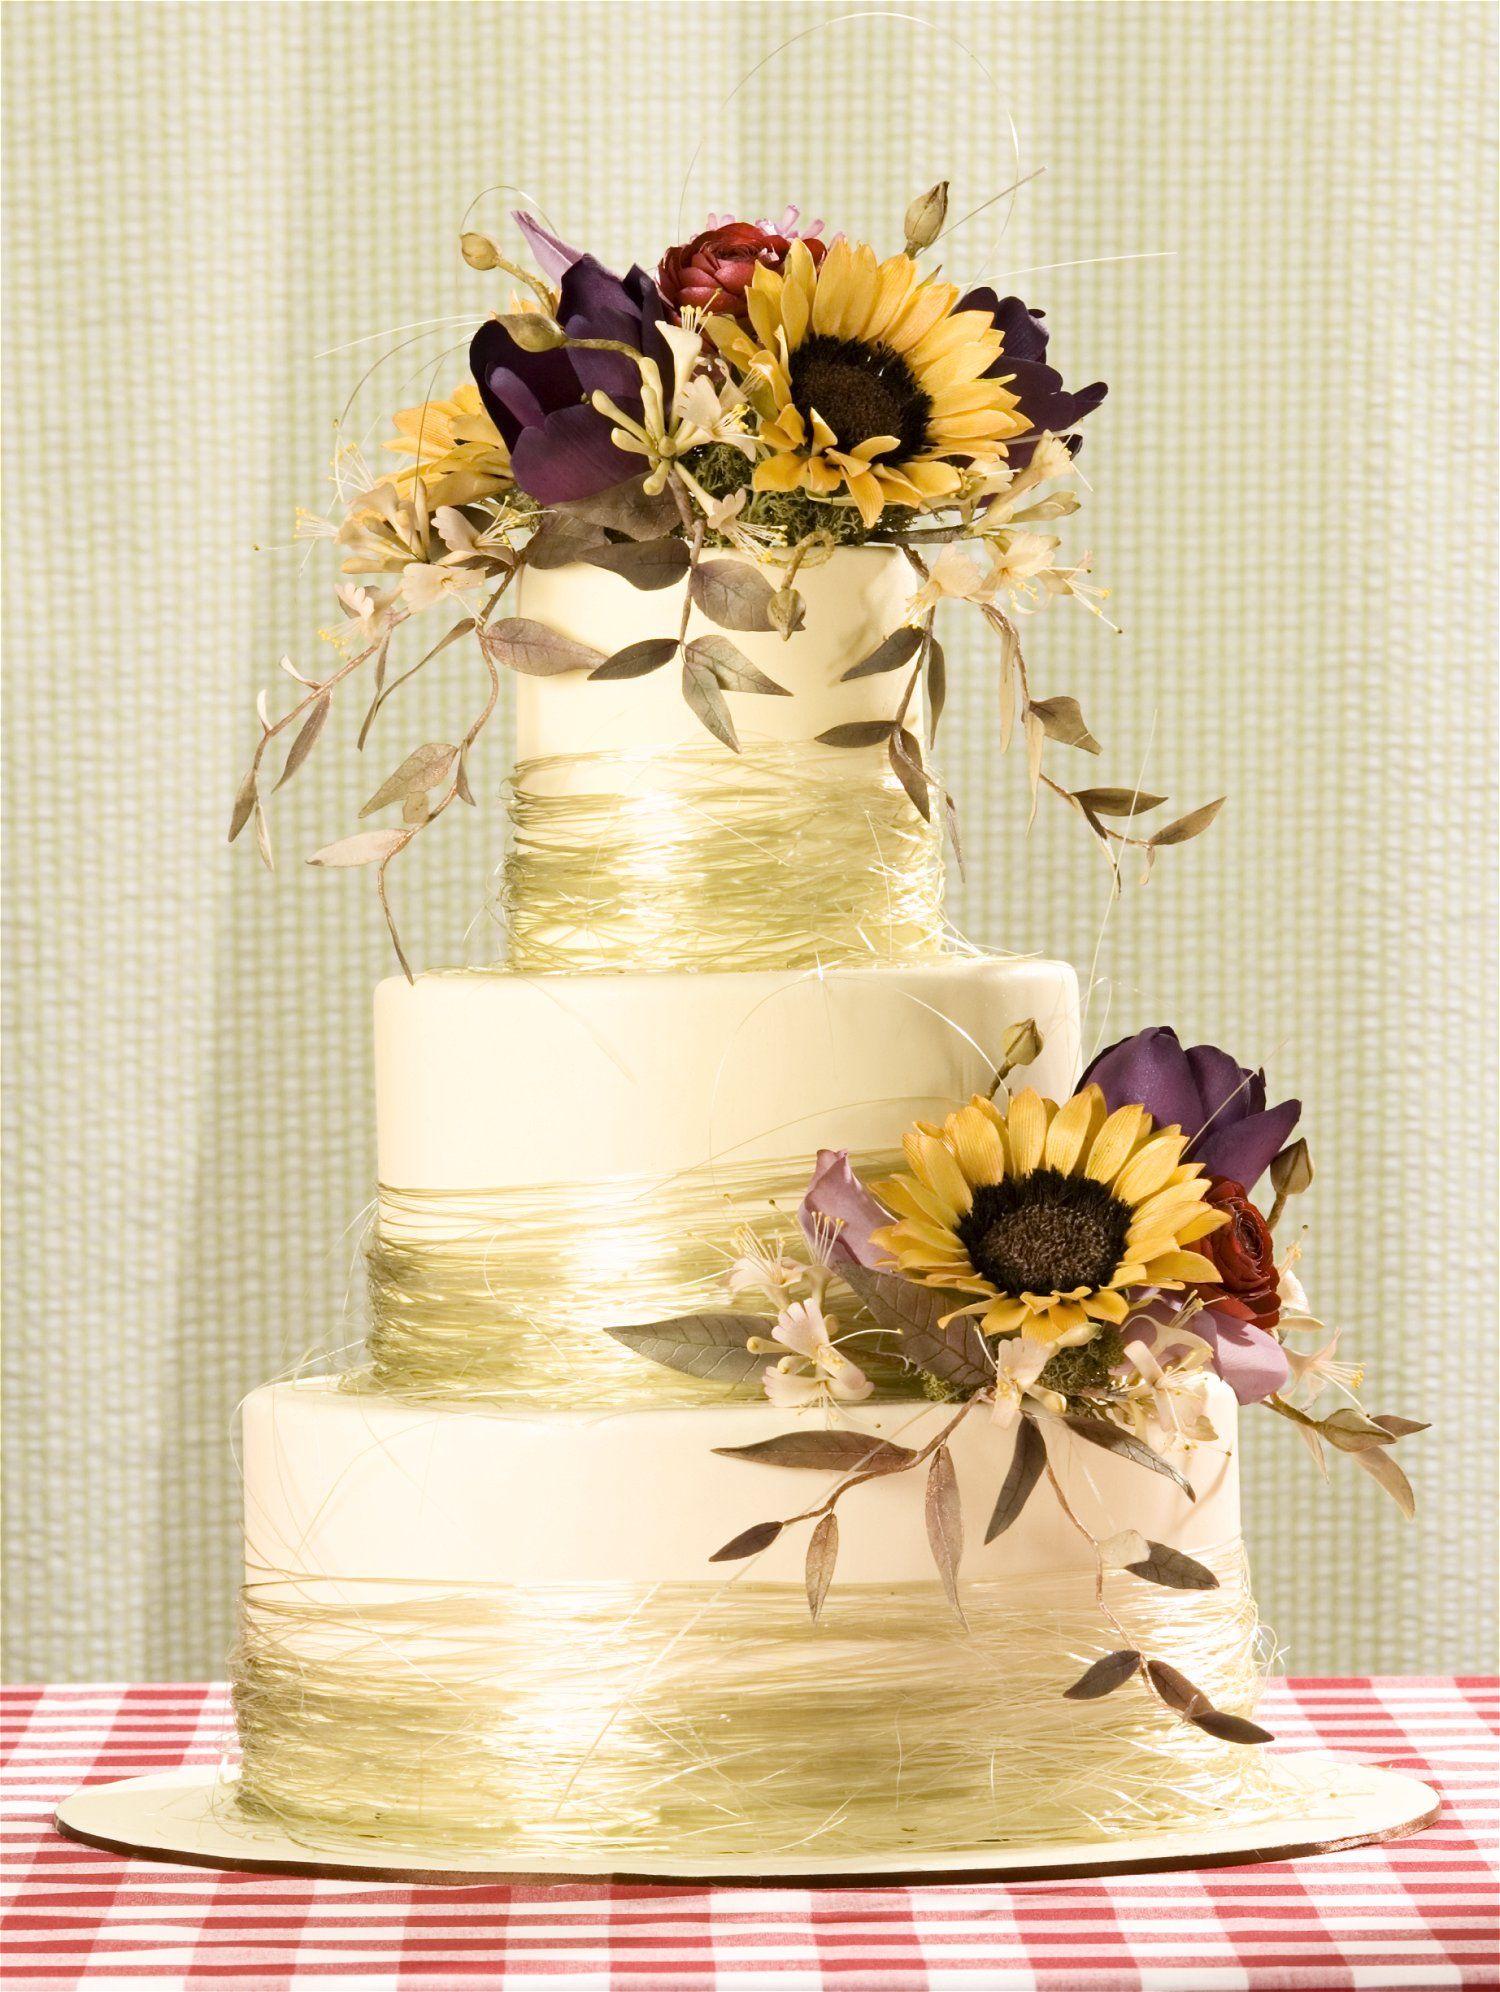 Elizabeth Hodes Custom Cakes and Sugar Art - fondant white ivory ...